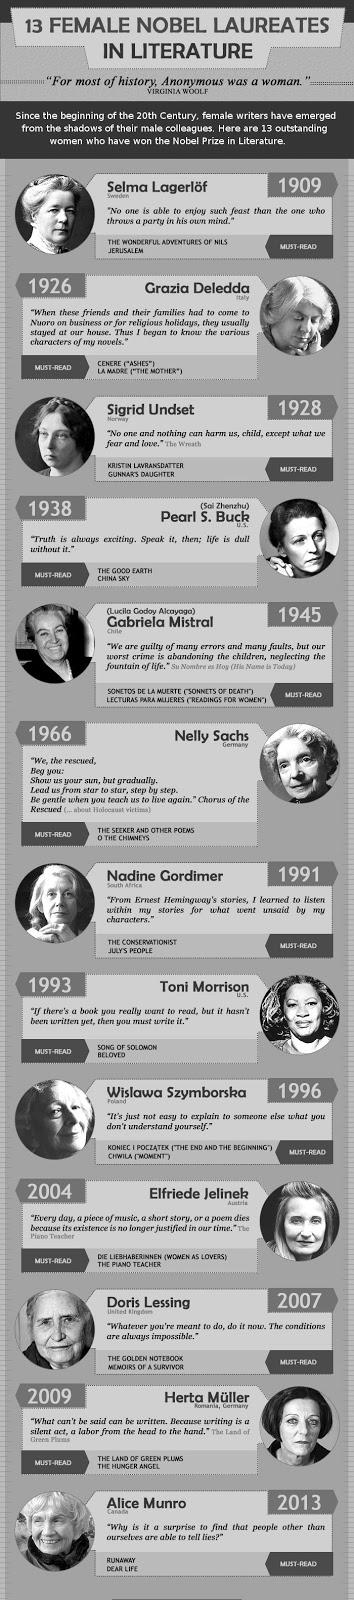 Essay Writers: 13 femaile nobel laureates in Literature